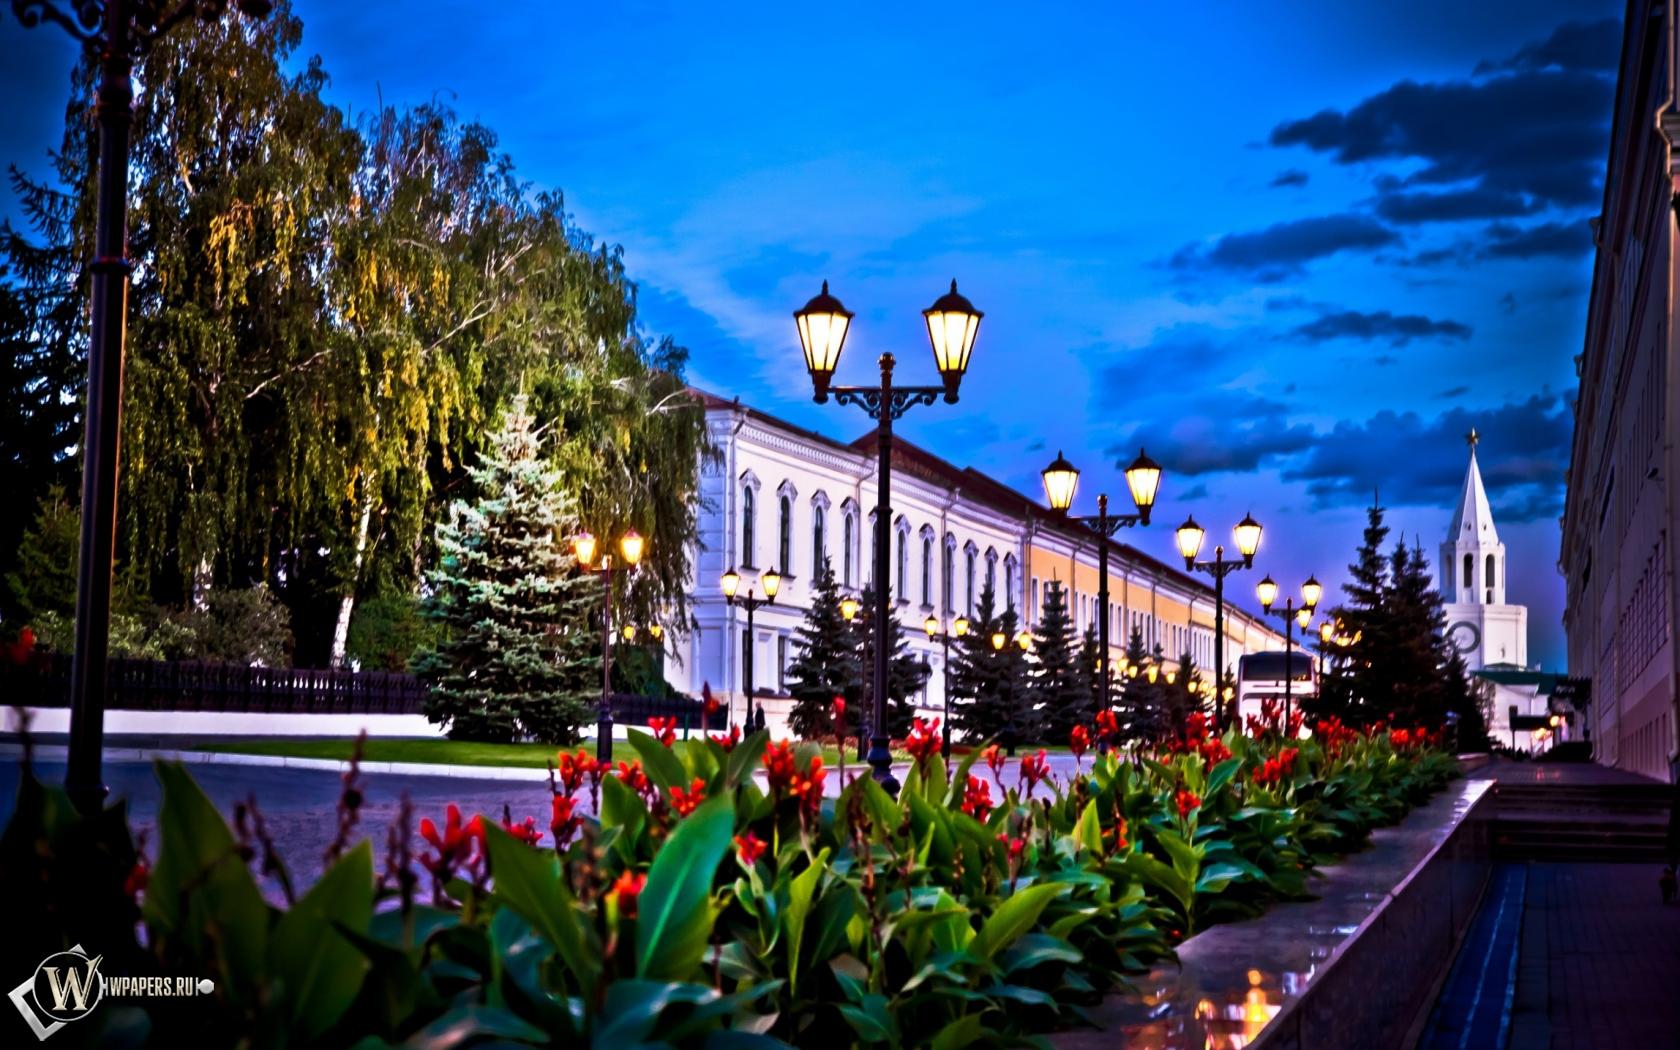 Казань улица Кремлевская 1680x1050